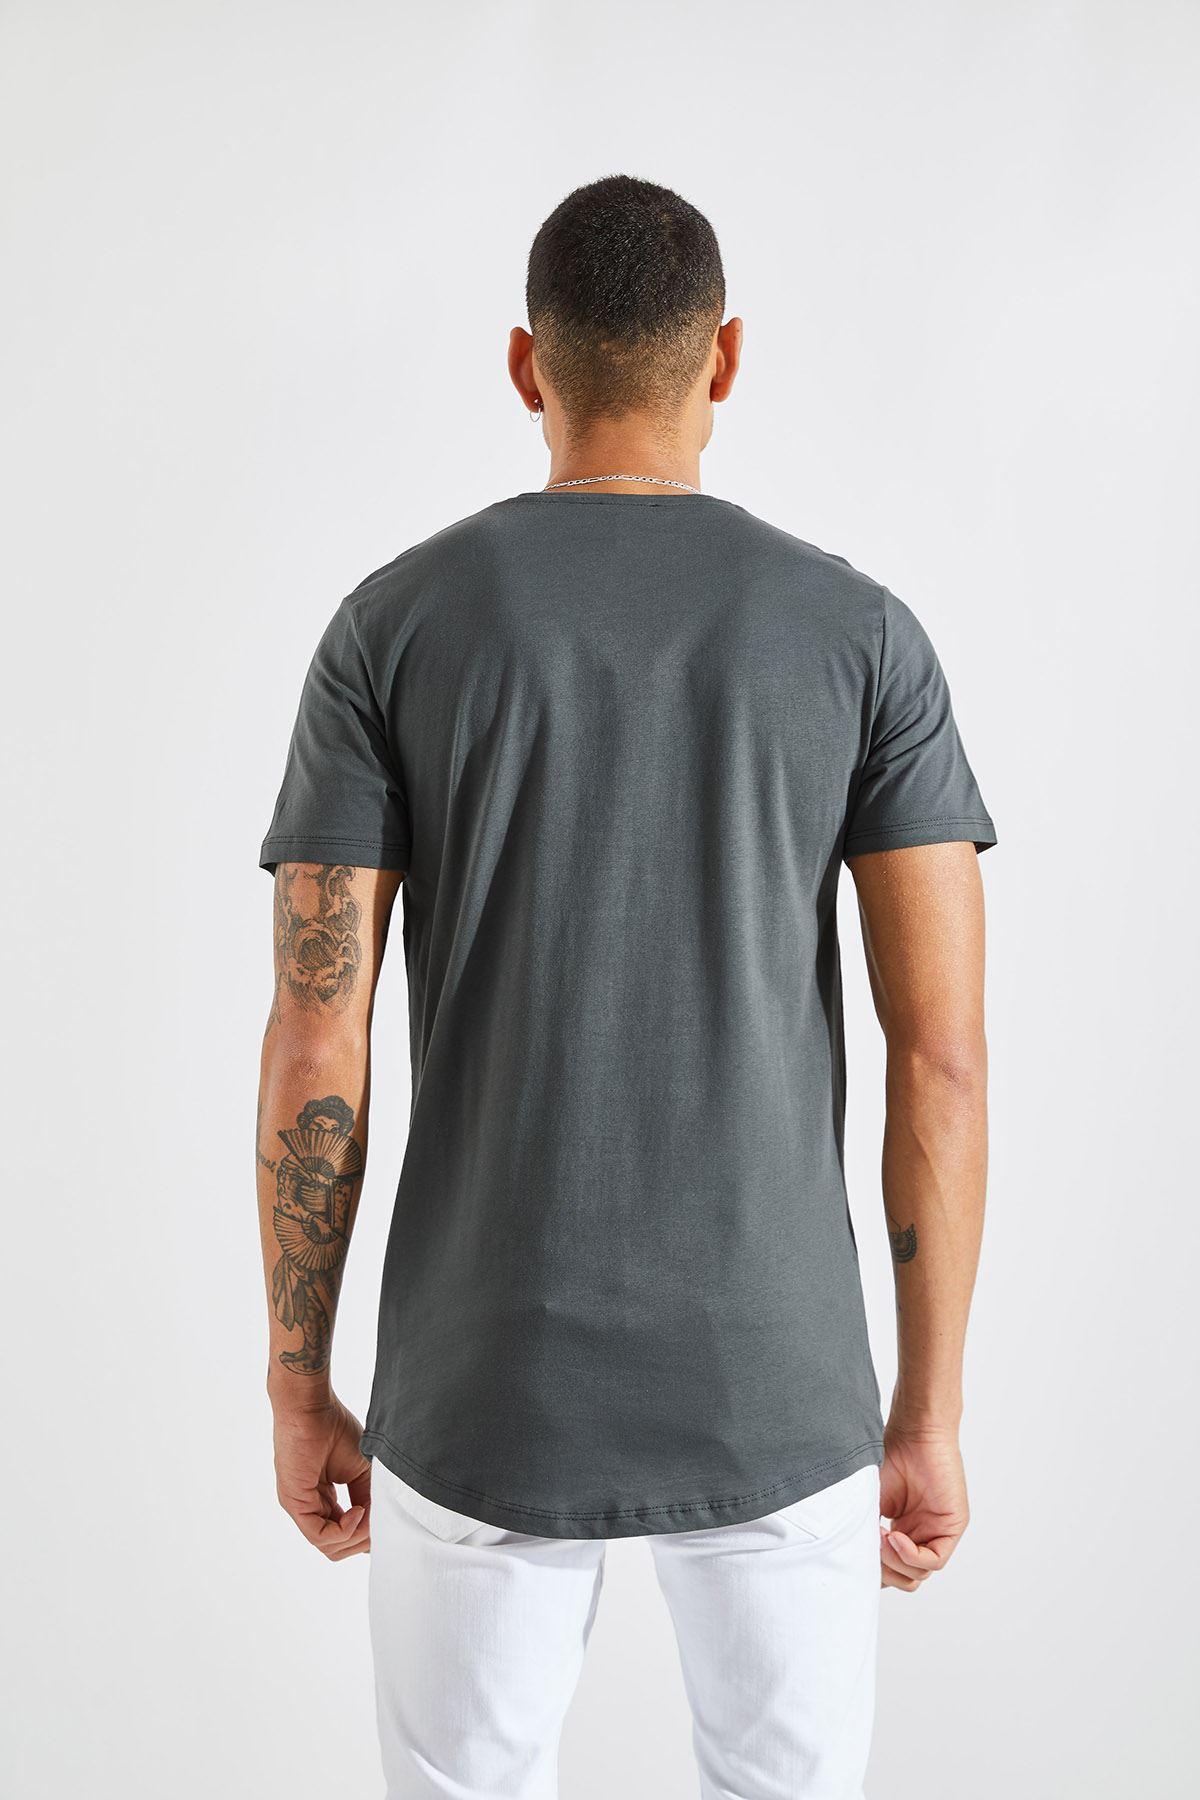 Erkek O Yaka 4 Çizgi Baskı Füme Tişört